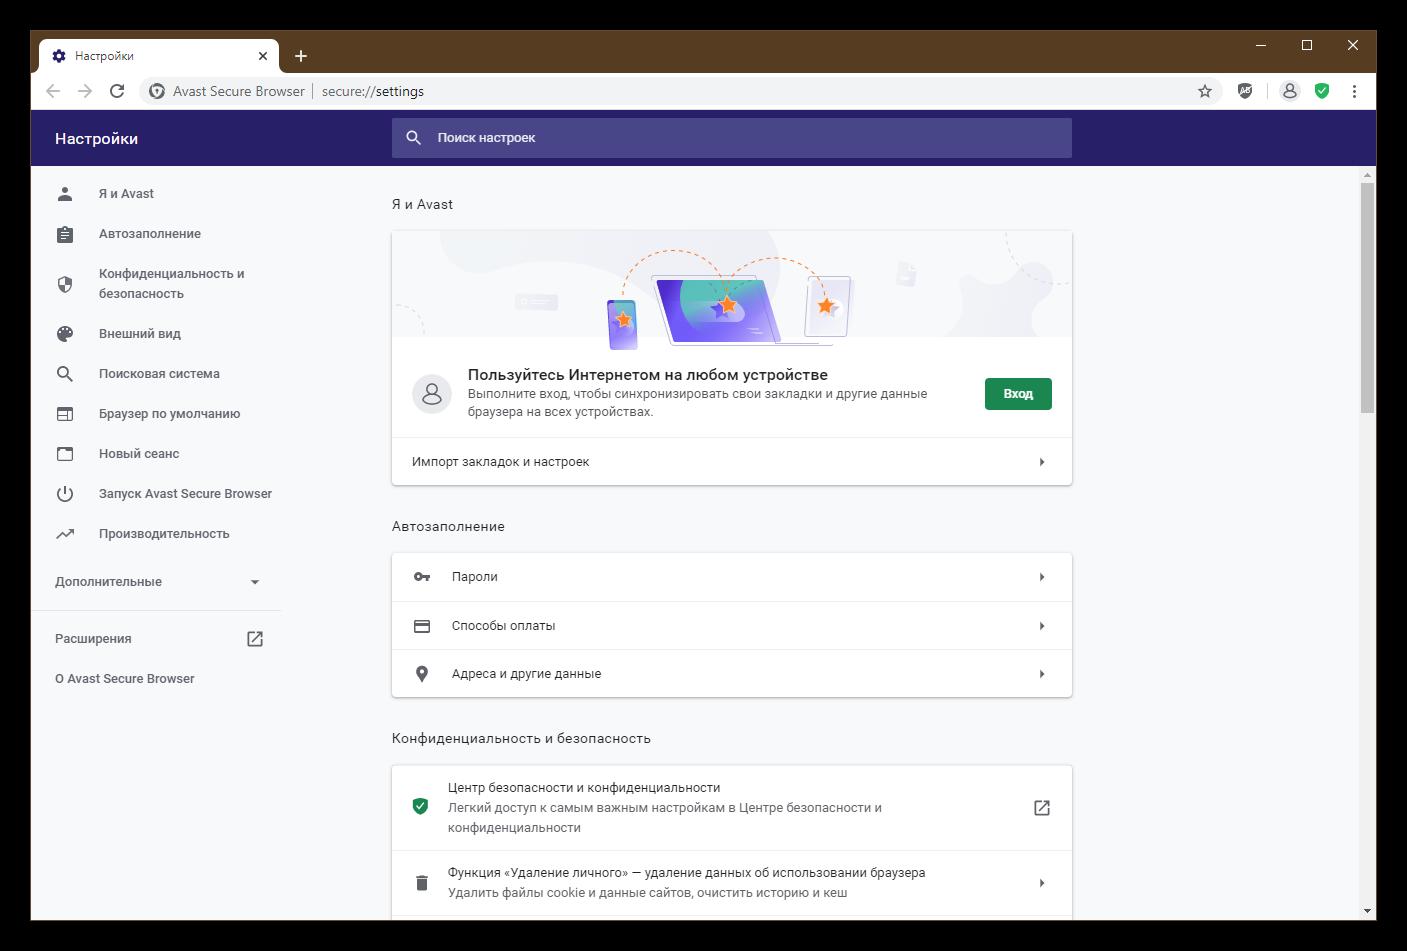 Настройки - Avast Secure Browser